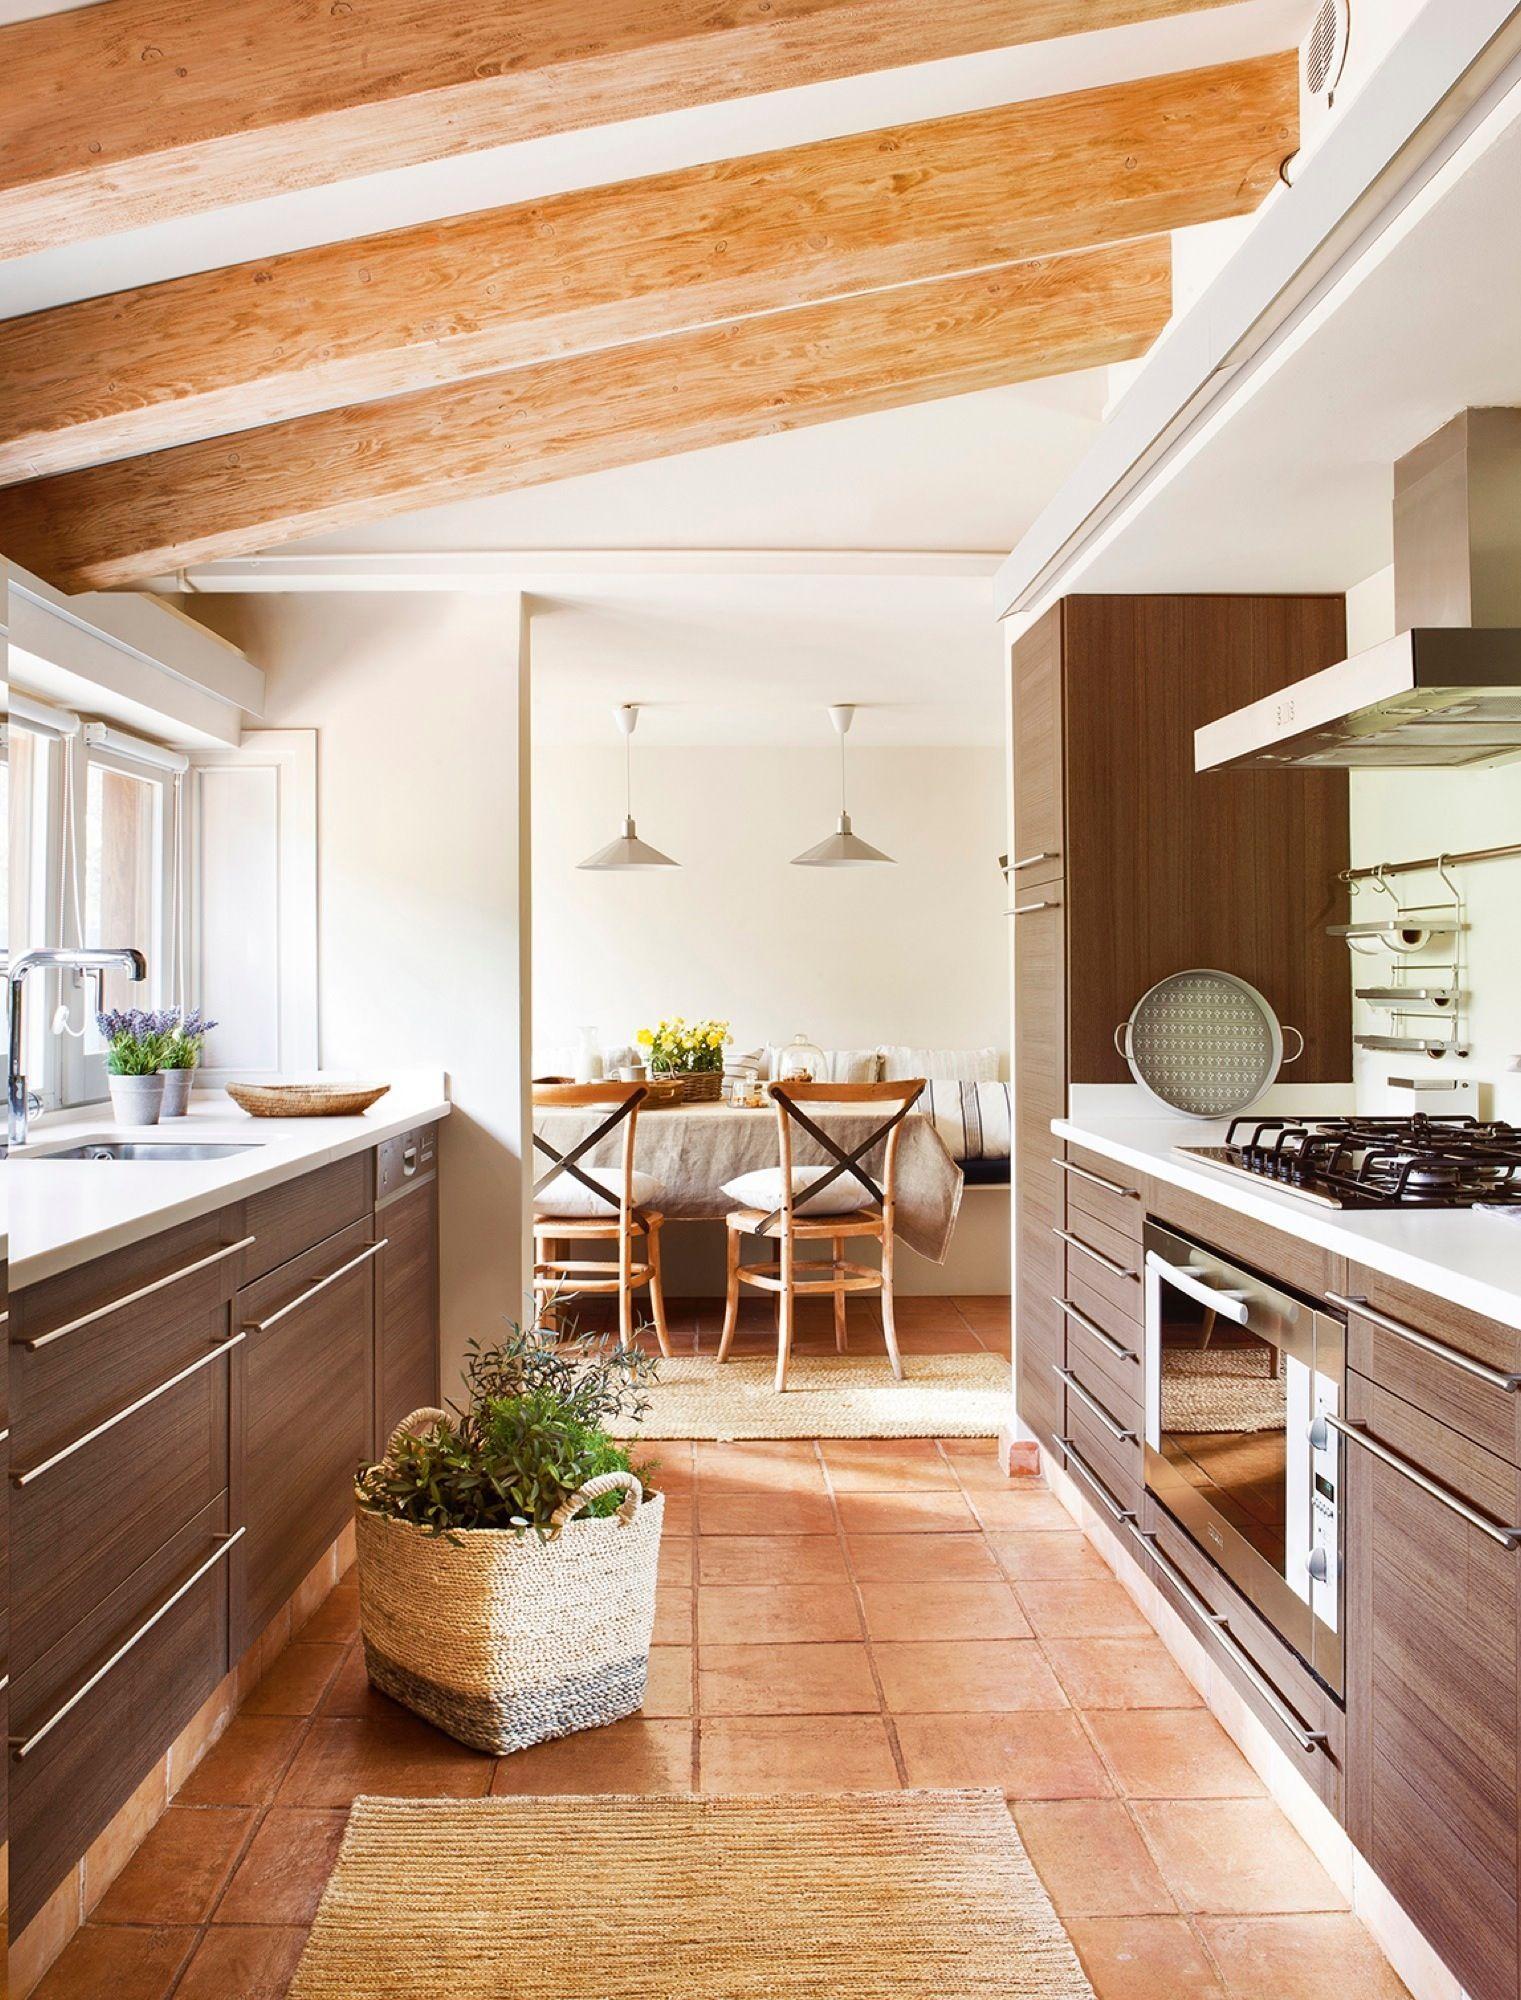 Espacios comunes. La cocina, el office y el comedor comparten la ...